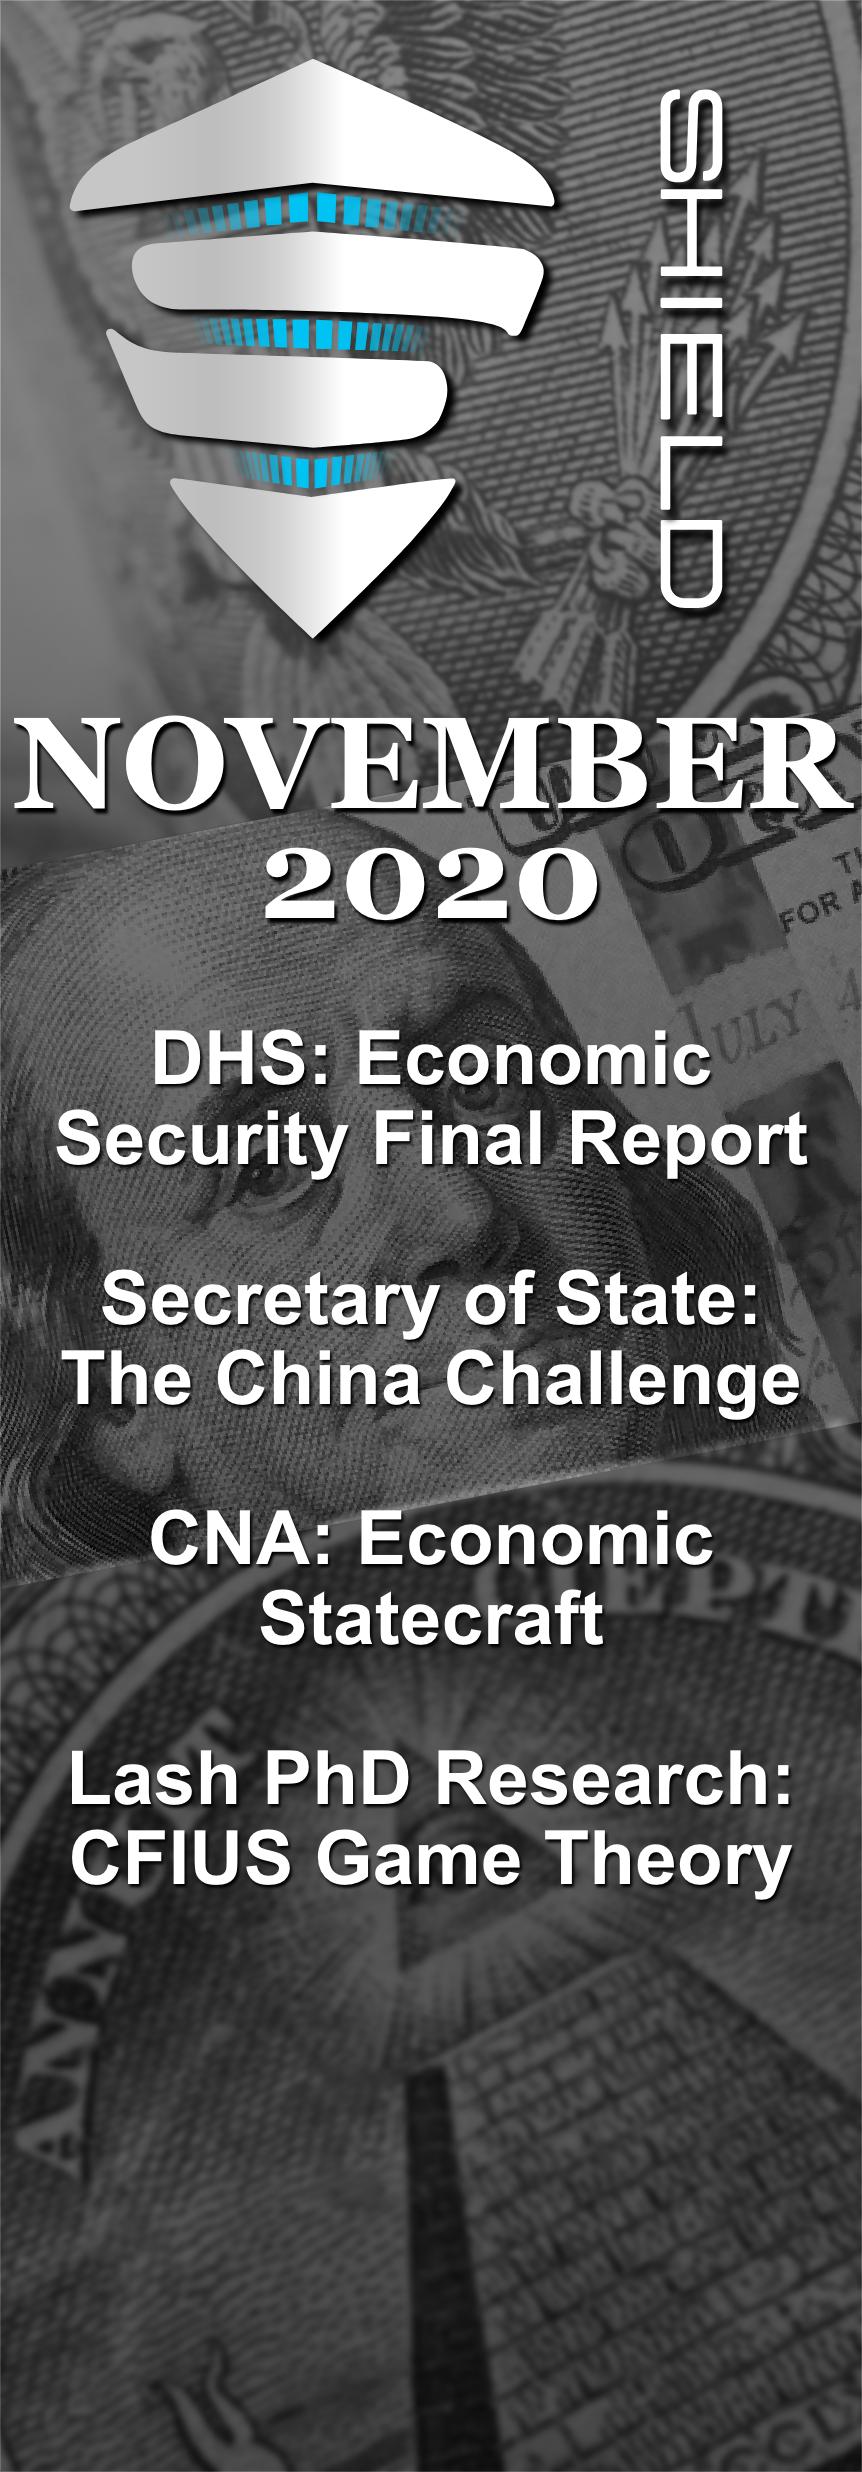 November 2020@3x